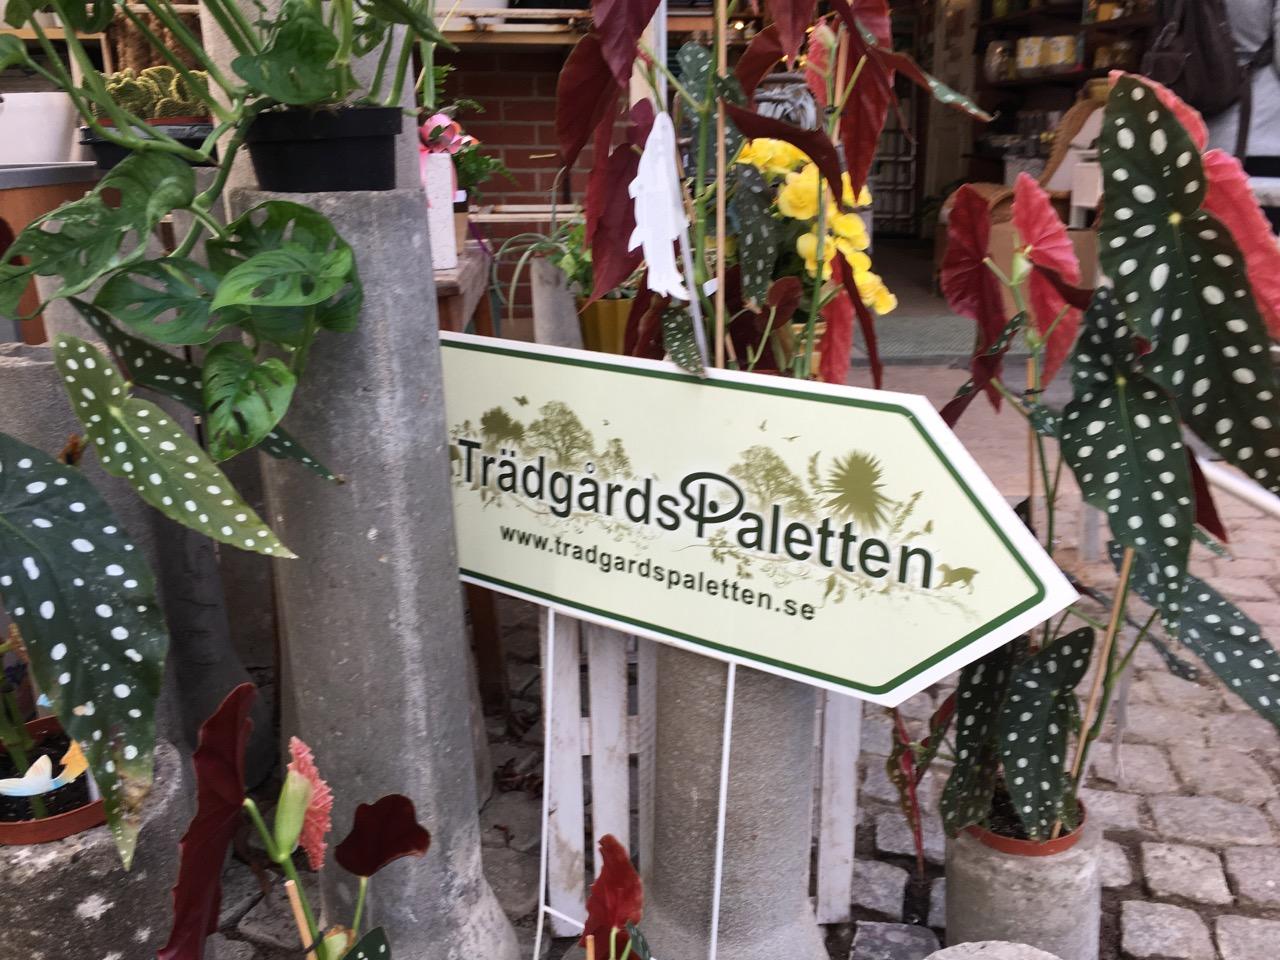 trädgårdspaletten, skylt